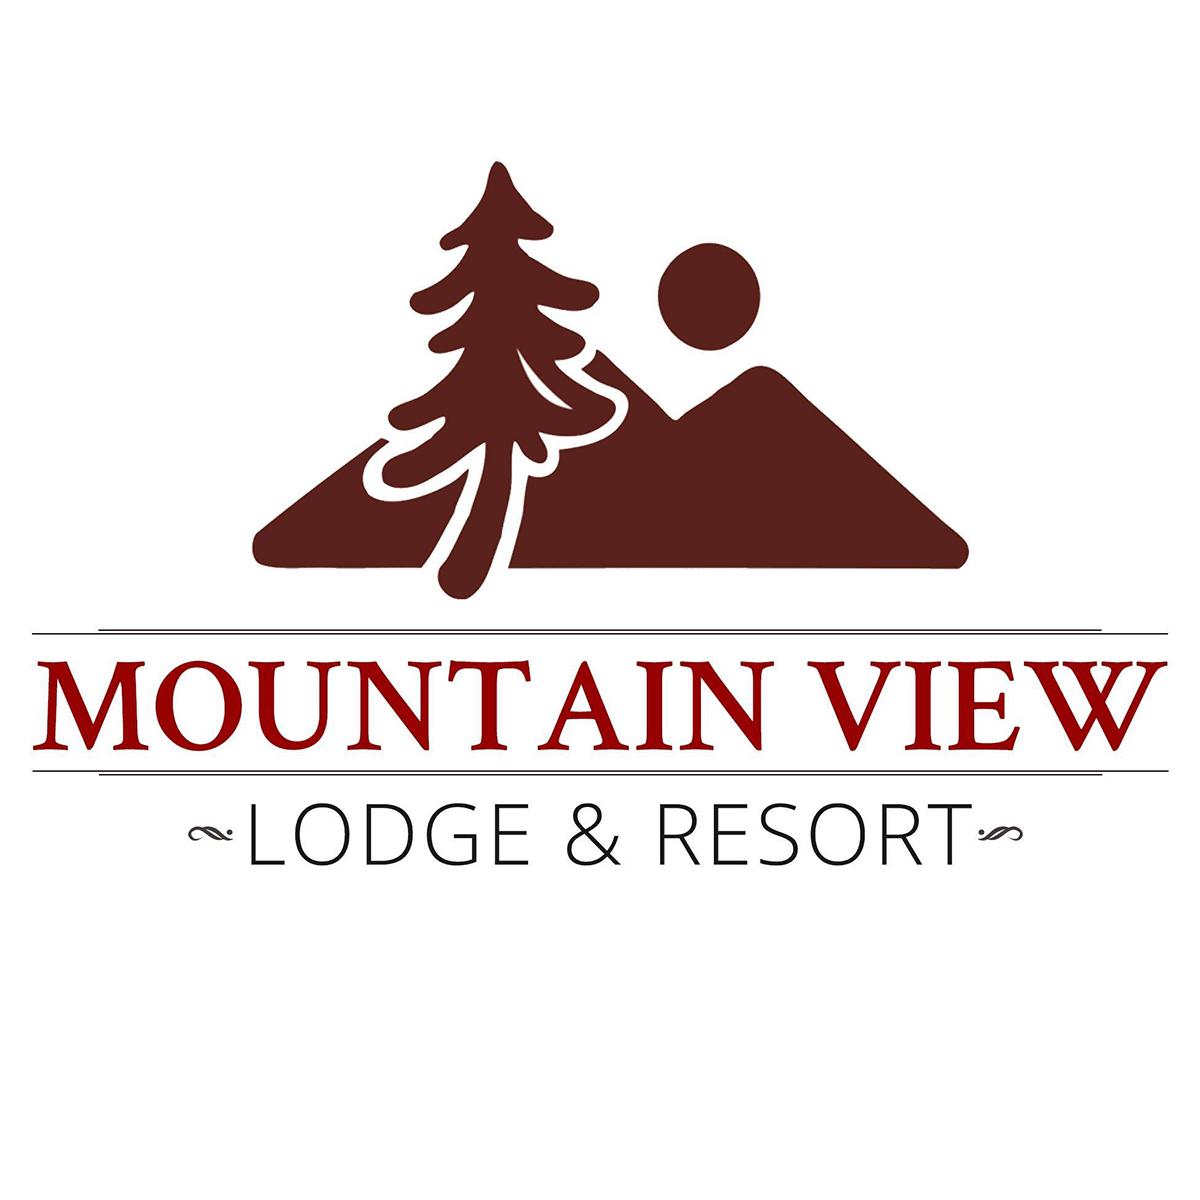 Mountain View Lodge & Resort logo